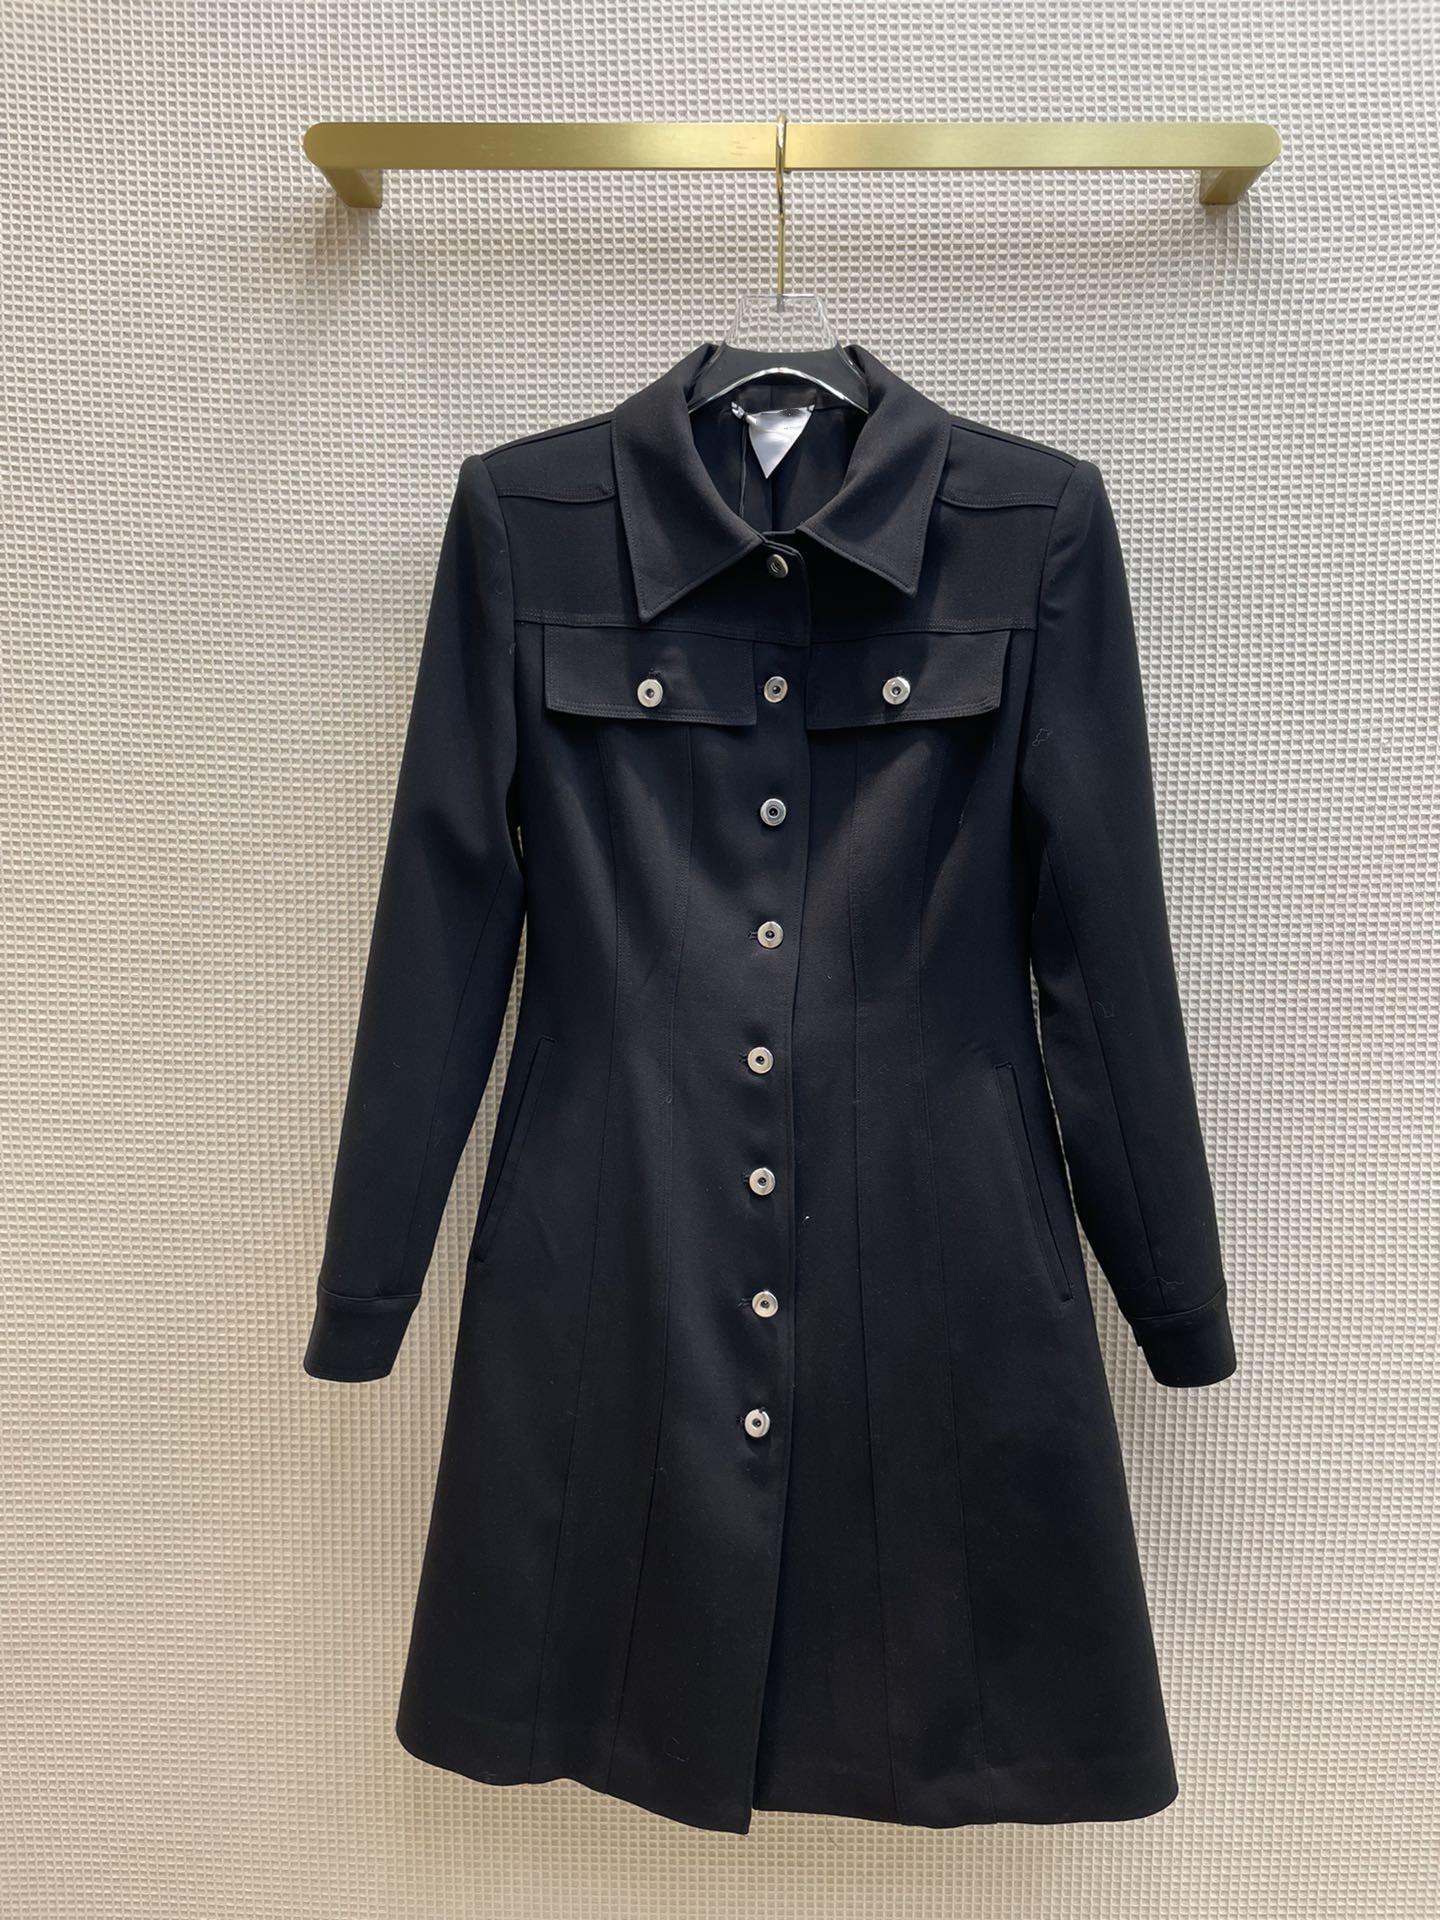 Milan pist elbiseler 2021 sonbahar yaka boyun uzun kollu panelli kadın tasarımcı elbise markası aynı stil giyim 0822-25